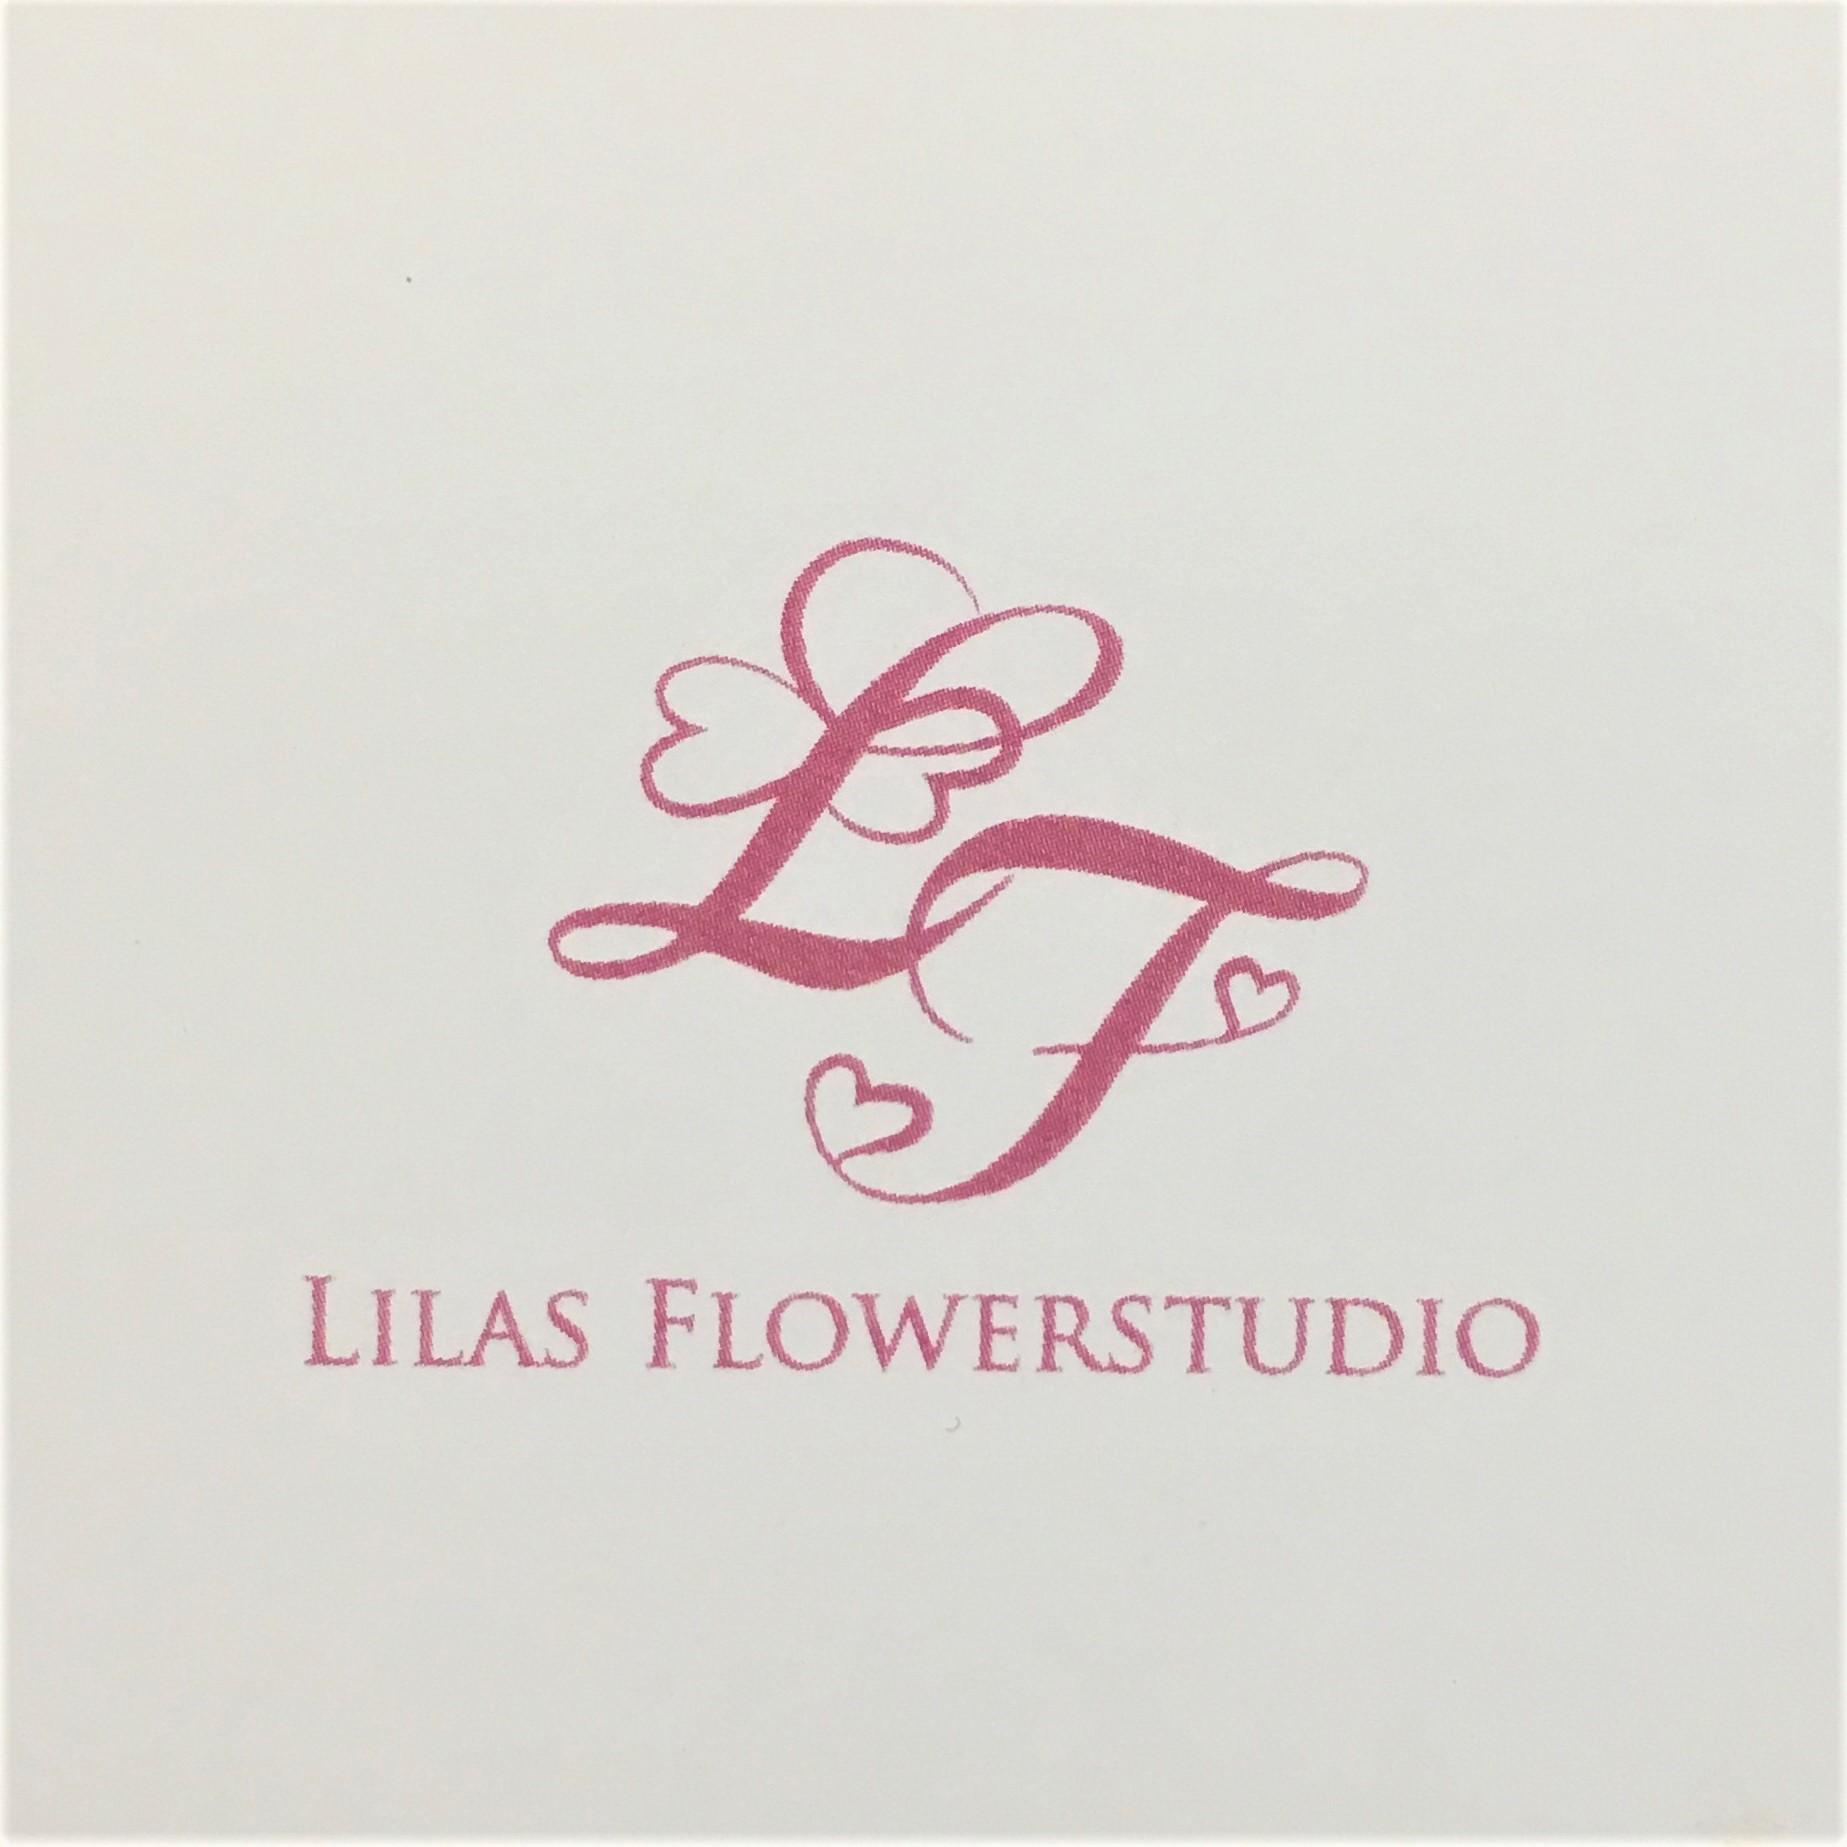 リラ・フラワースタジオ